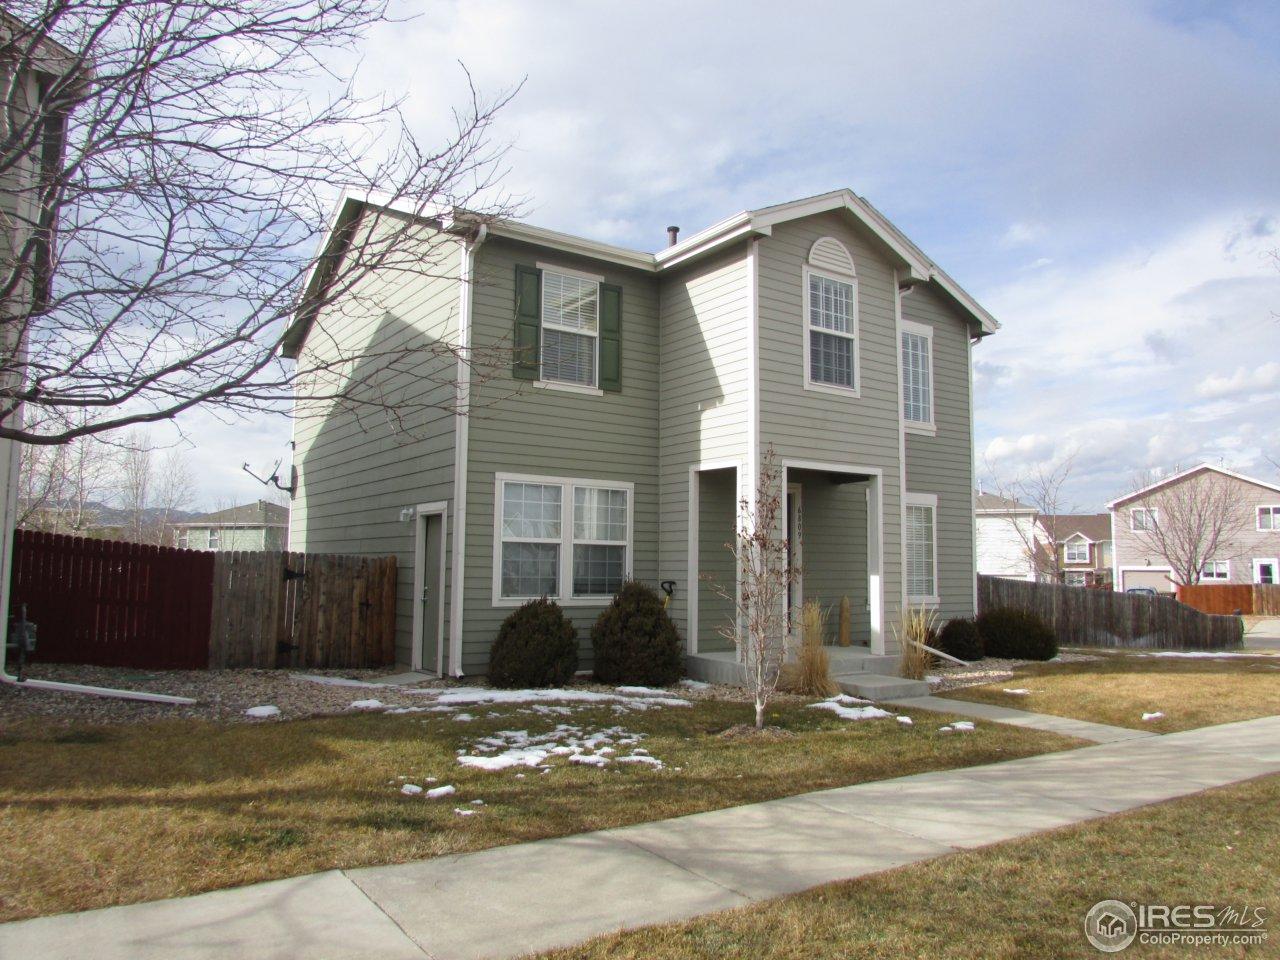 6809 Ivy Glen Way, Fort Collins CO 80525